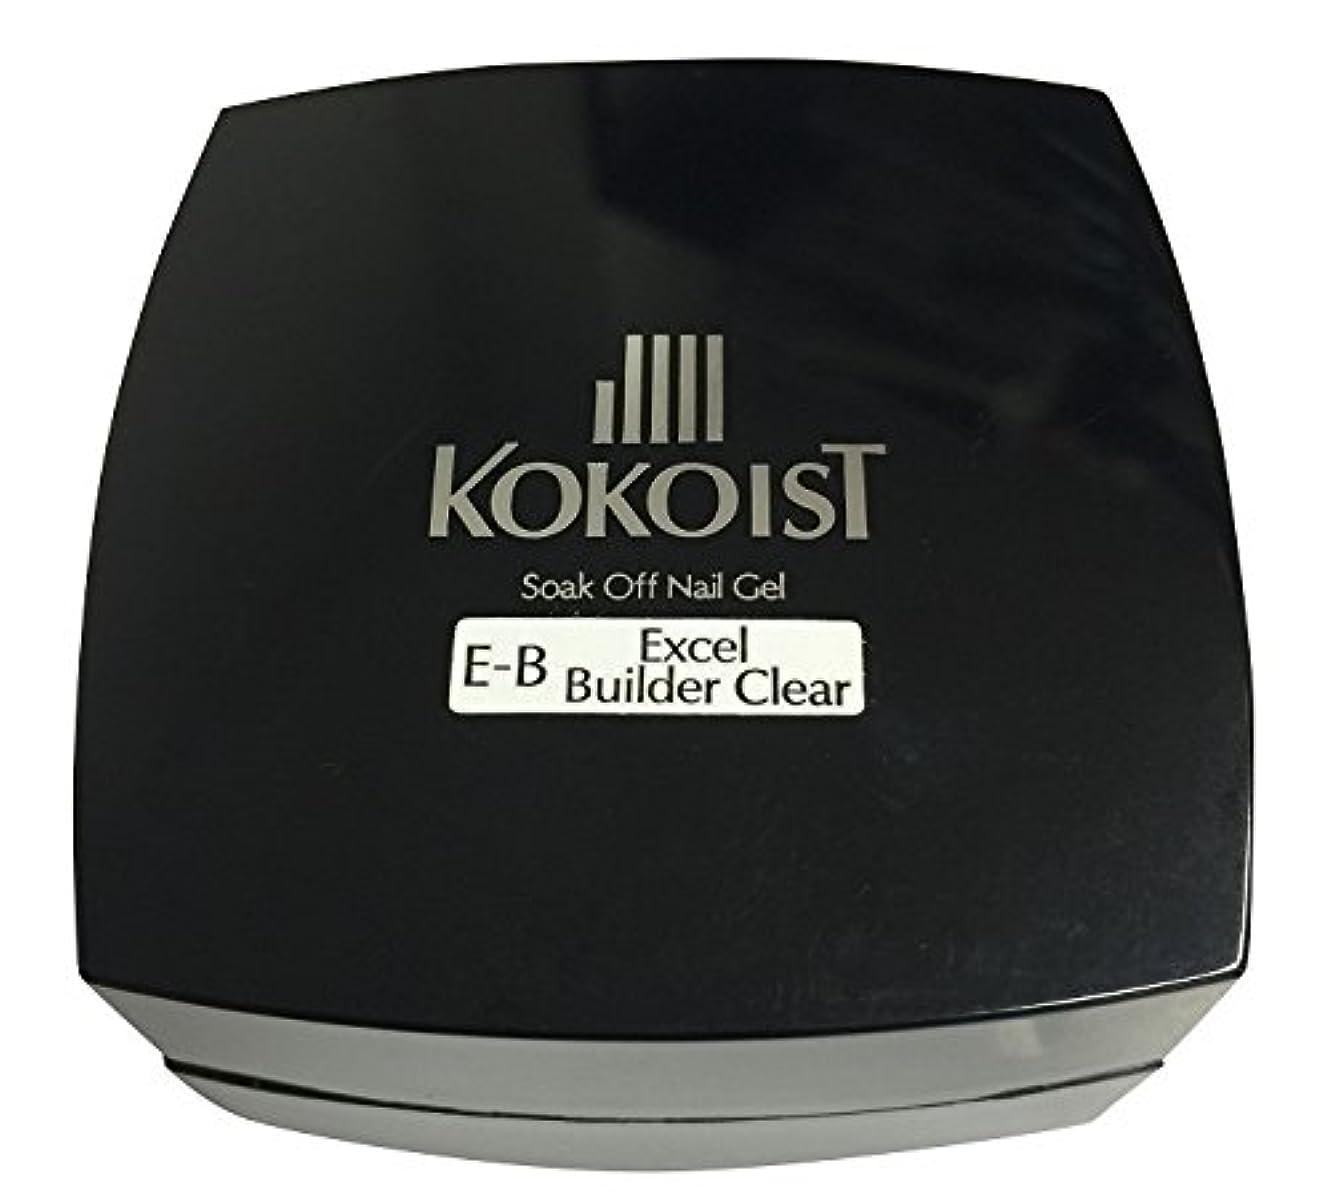 アンプ衝動防止KOKOIST(ココイスト) ソークオフクリアジェル エクセルビルダー  20g